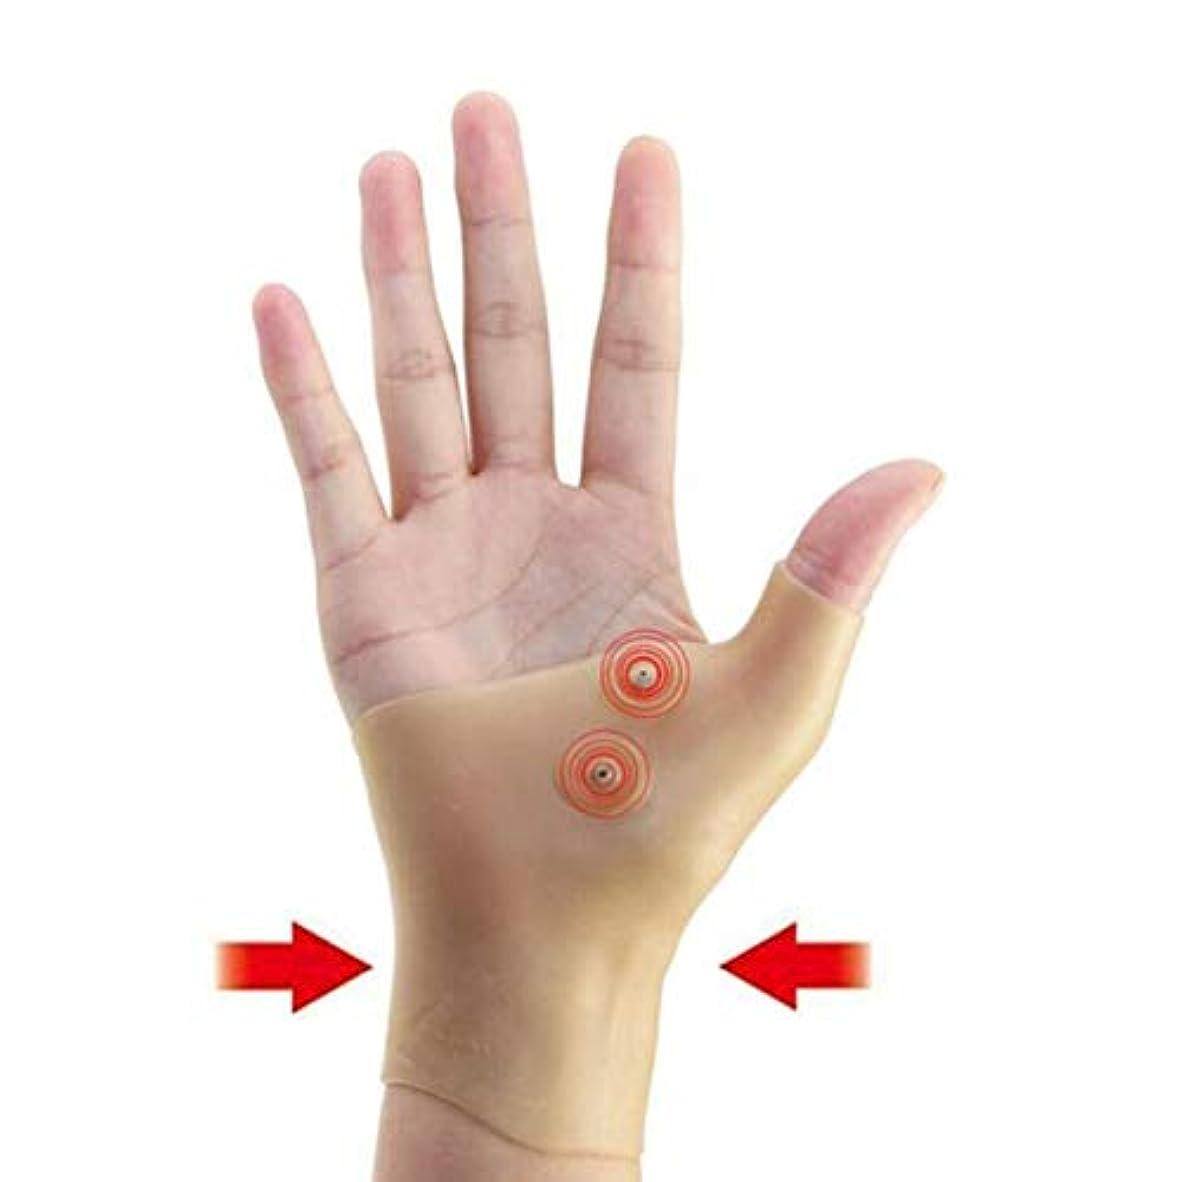 ヒゲクジラプランテーション噛む磁気療法手首手親指サポート手袋シリコーンゲル関節炎圧力矯正器マッサージ痛み緩和手袋 - 肌の色